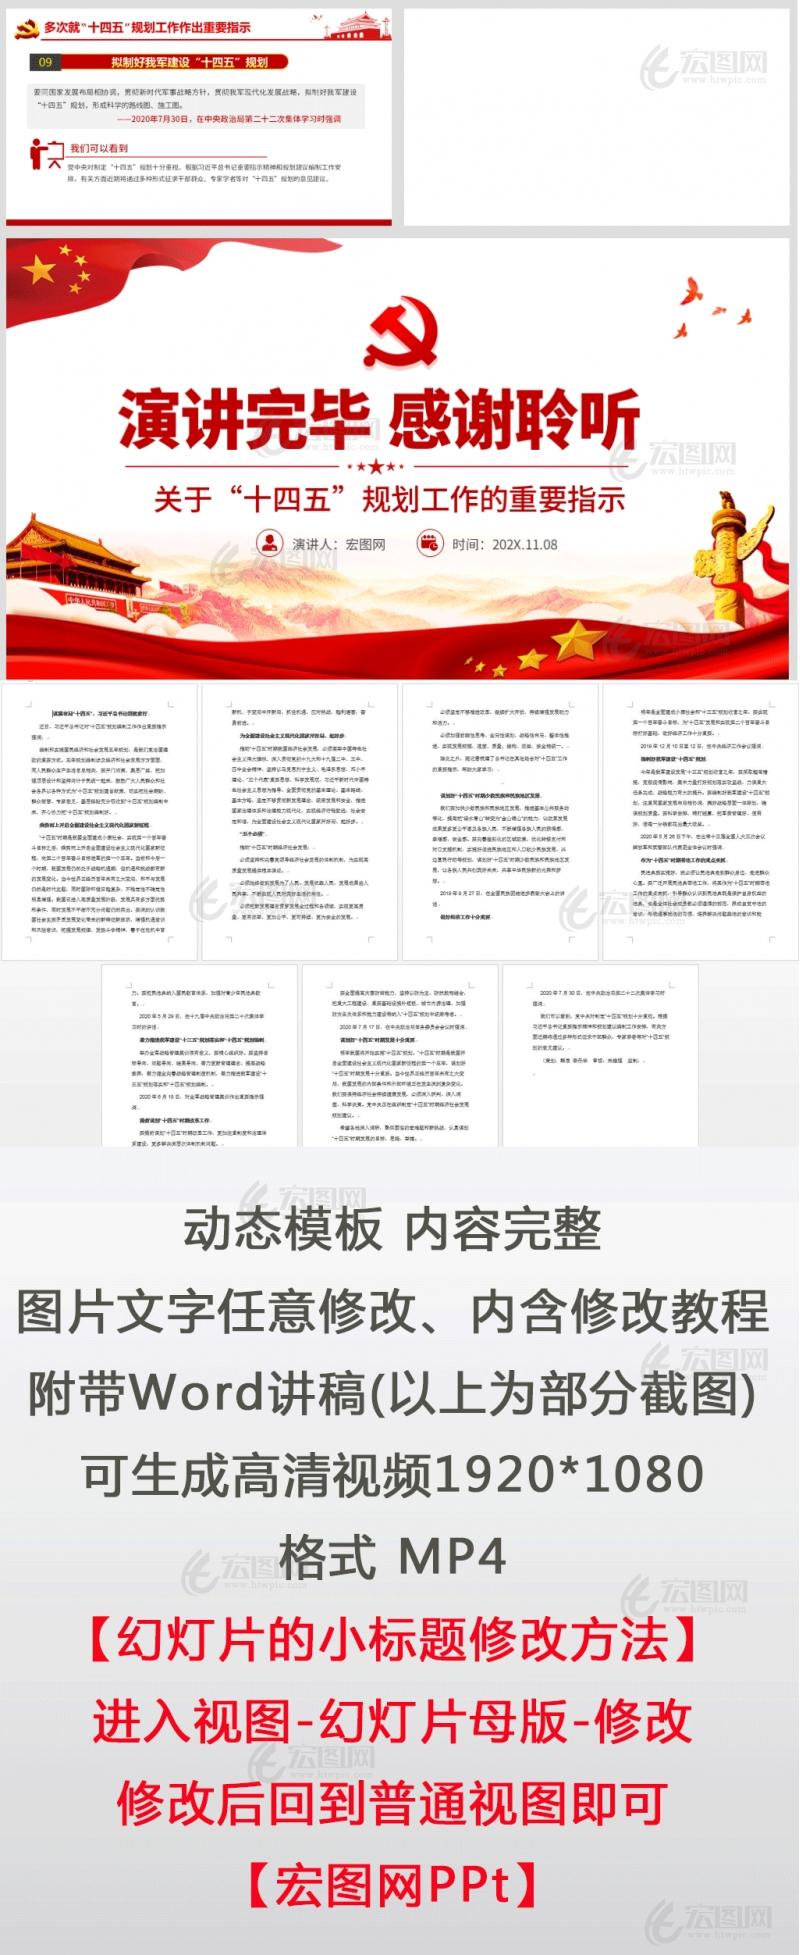 十四五规划主要内容重要论述指示PPT